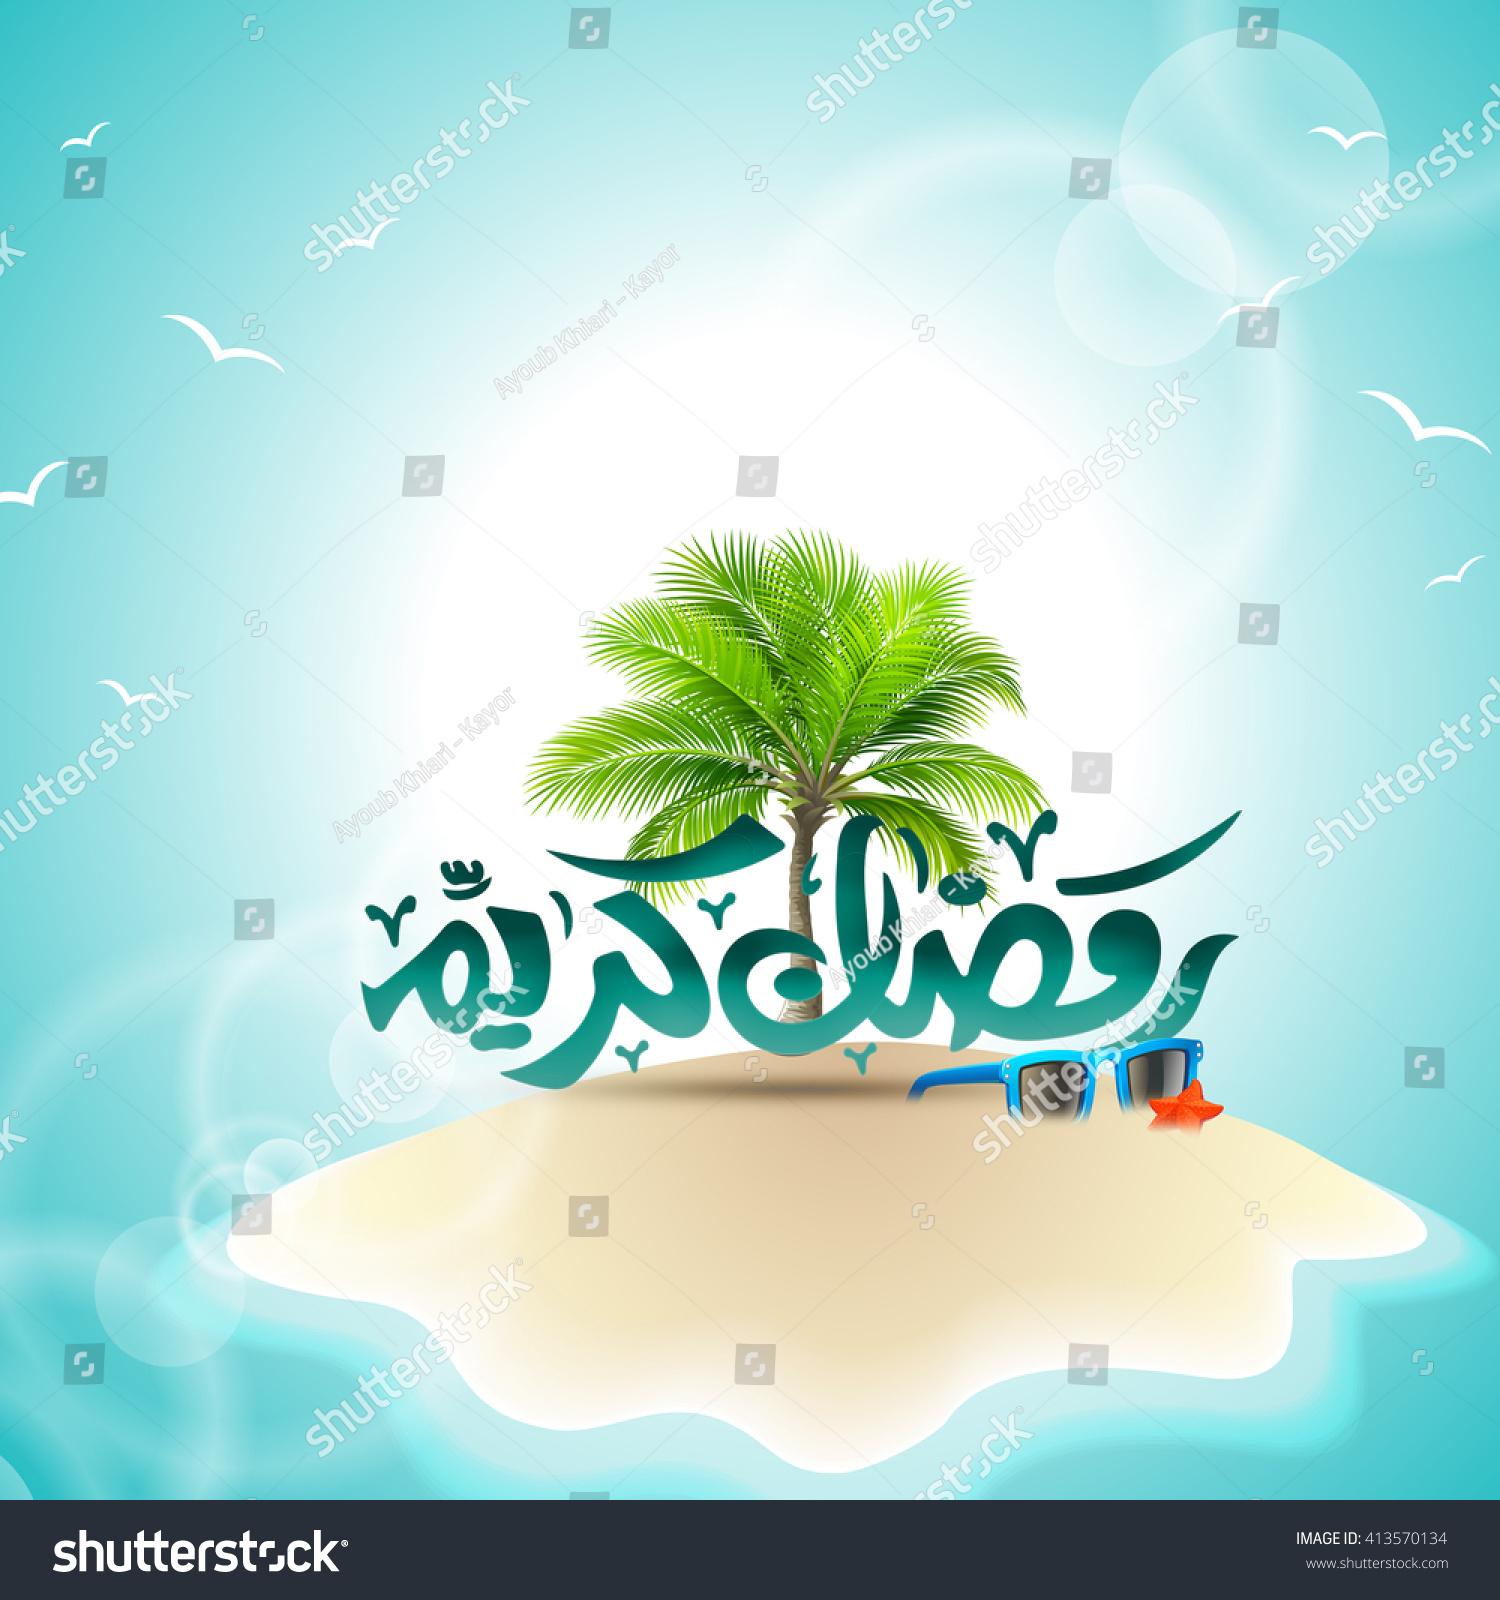 Creative Ramadan Kareem Eid Mubarak Design Stock Illustration